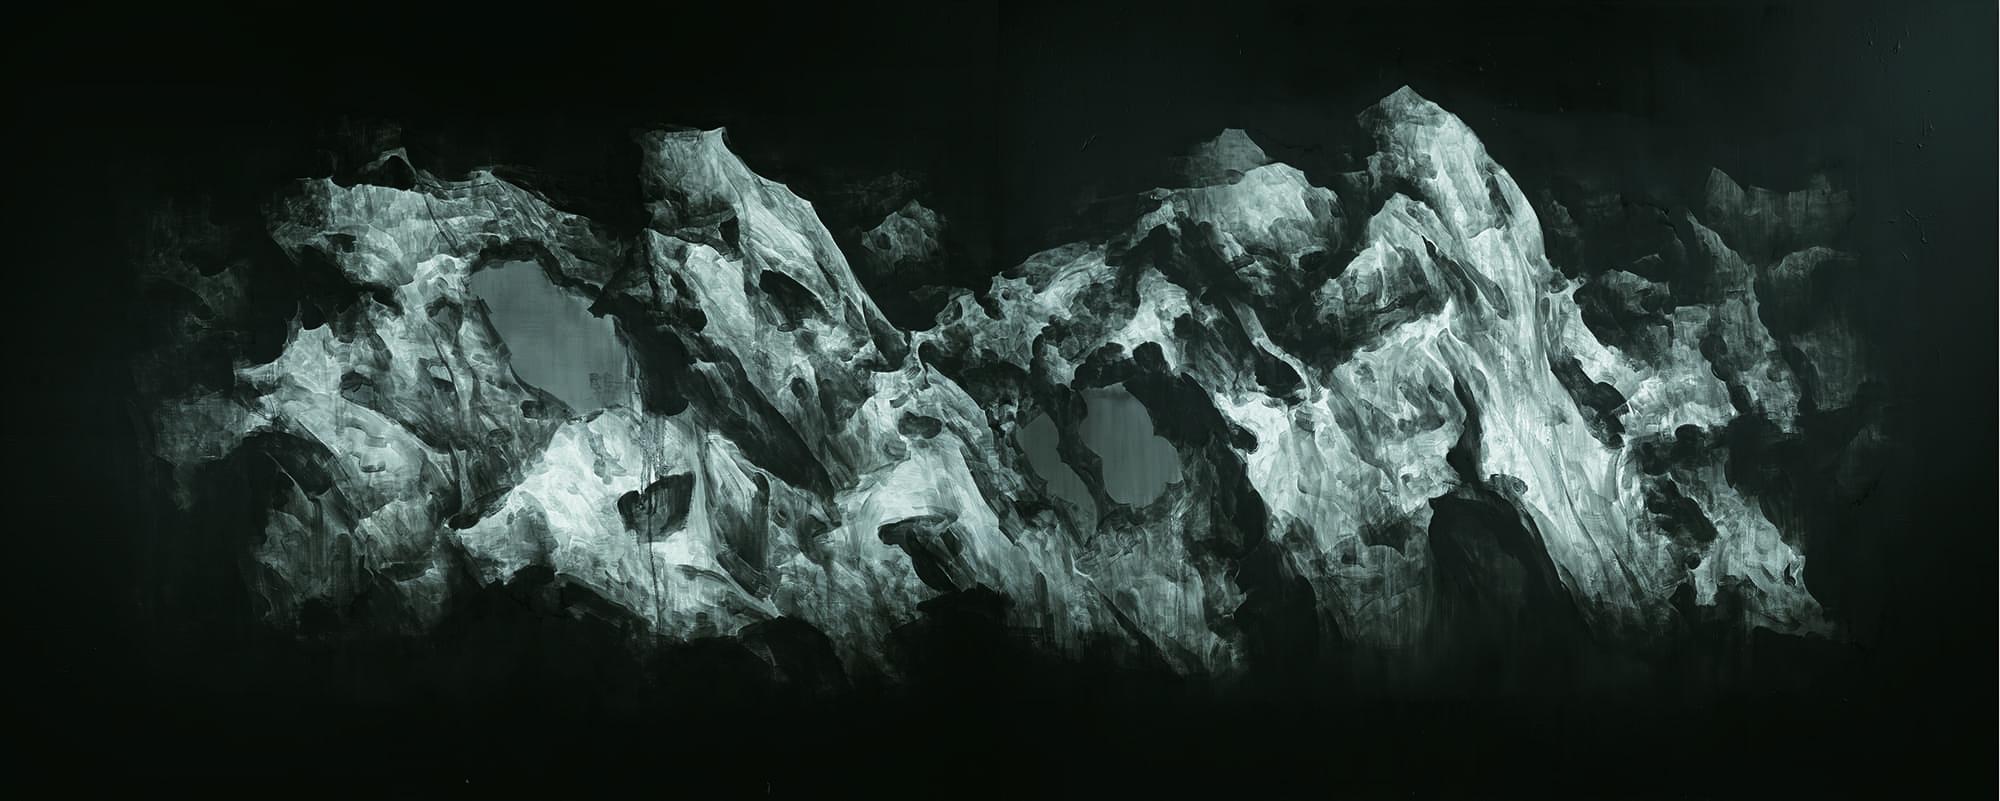 36- 96万 山石系列9号 2012 布面油画 200cm x 500cm Garden Rock Series No.9_2012  oil on canvas 200cm x 250cm x 2.jpg